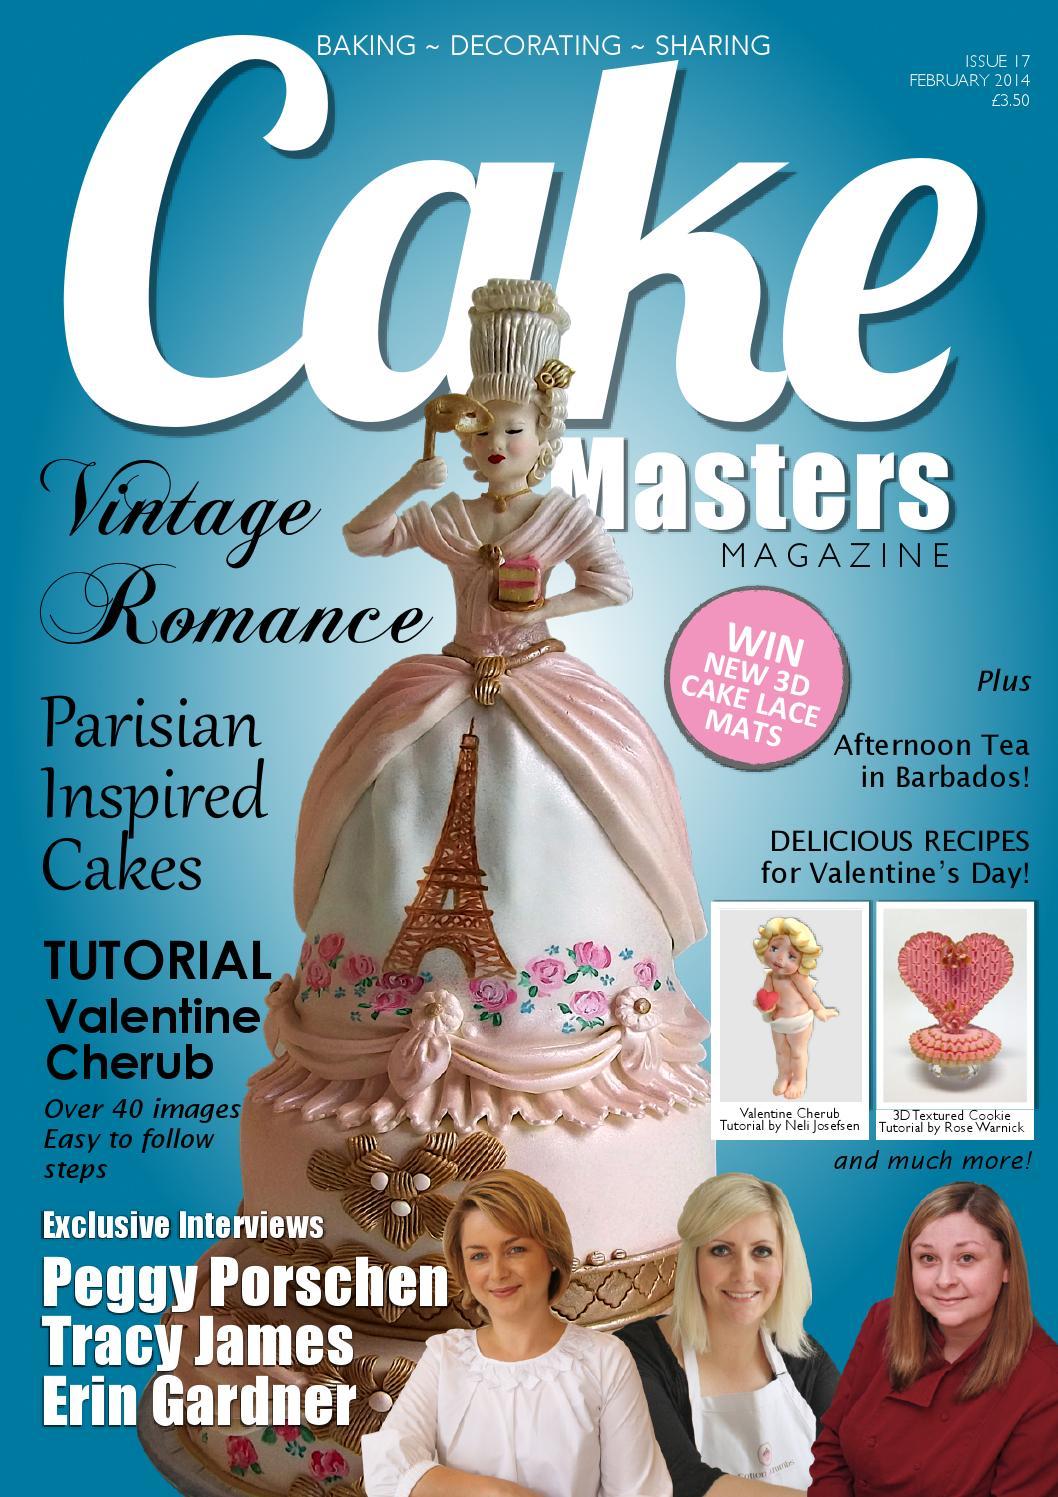 Cake Masters Magazine - February 2014 by Cake Masters - Issuu